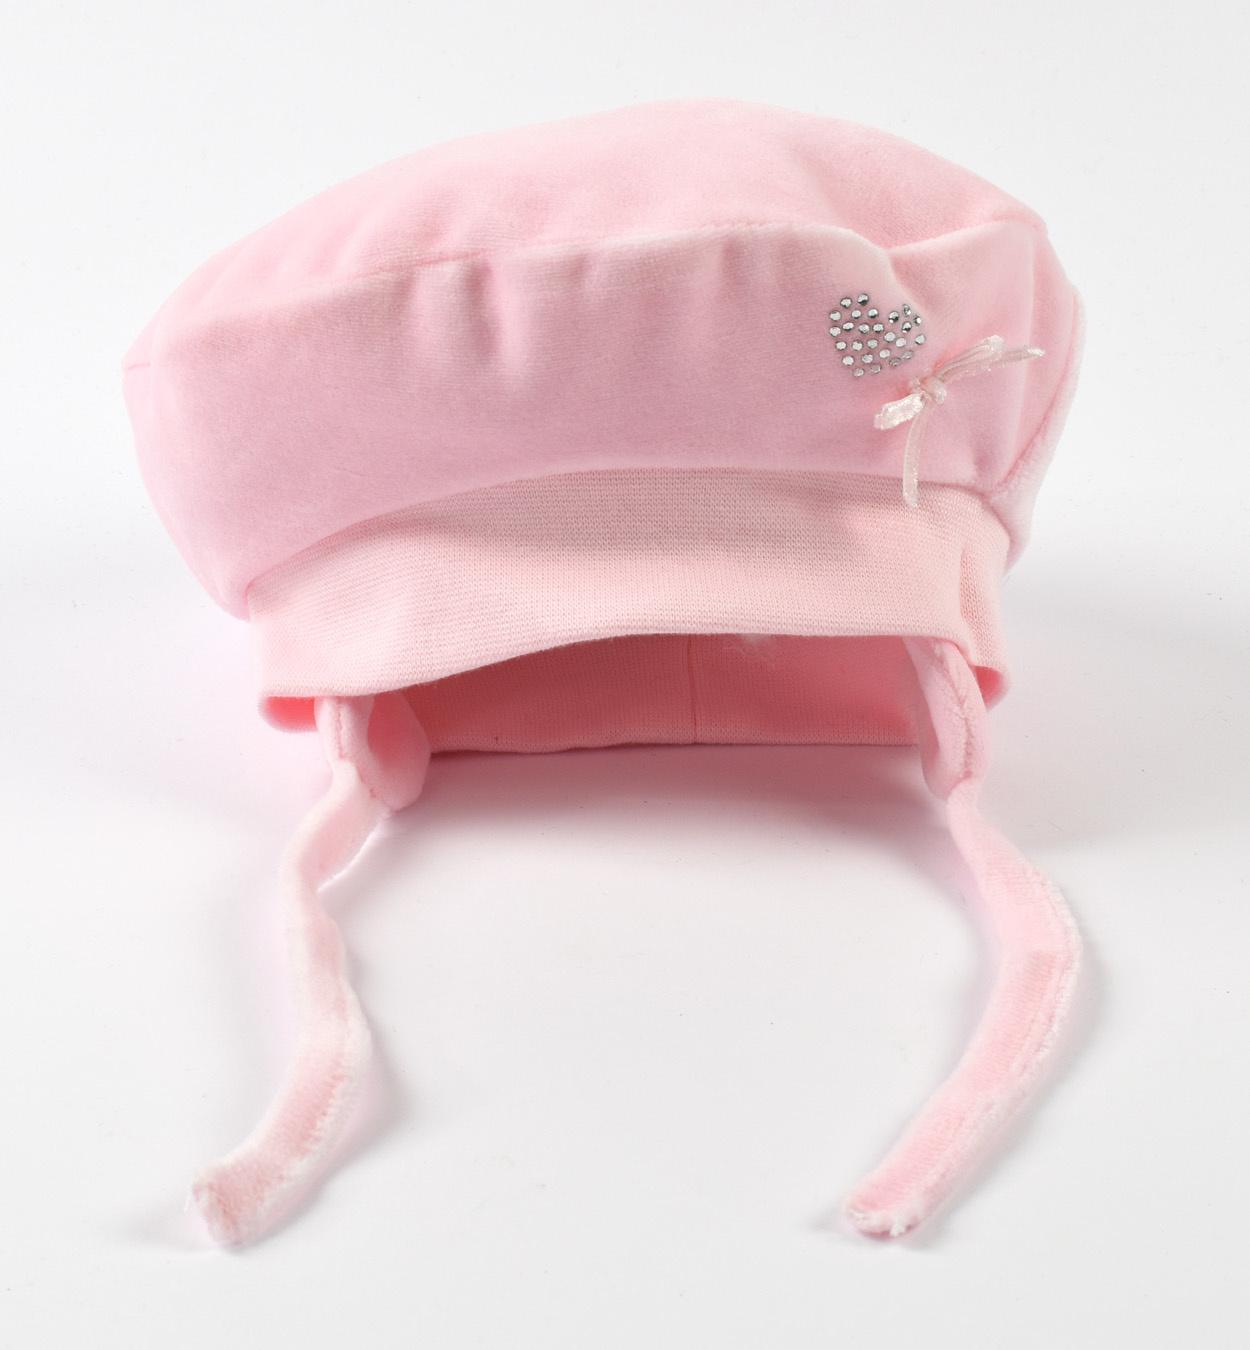 Ido IDo Baby Girls Bonnet